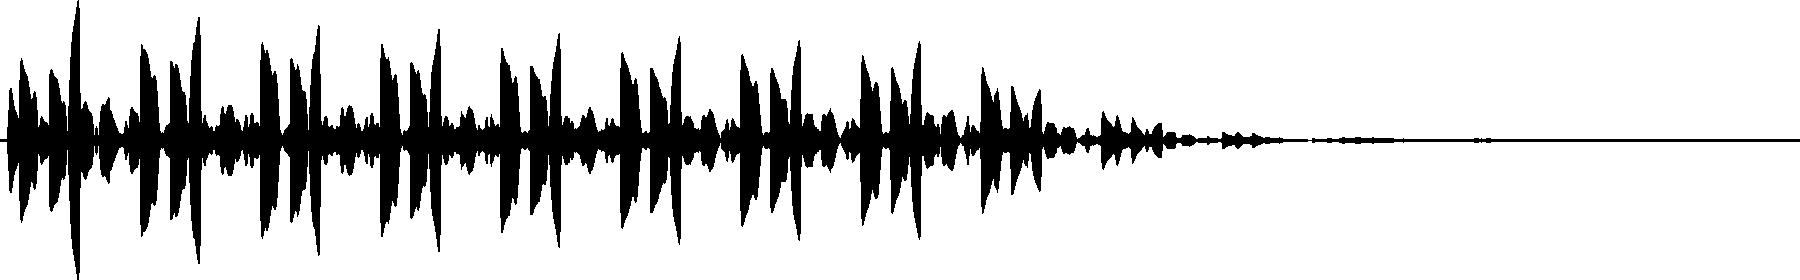 veh2 synths   088 c